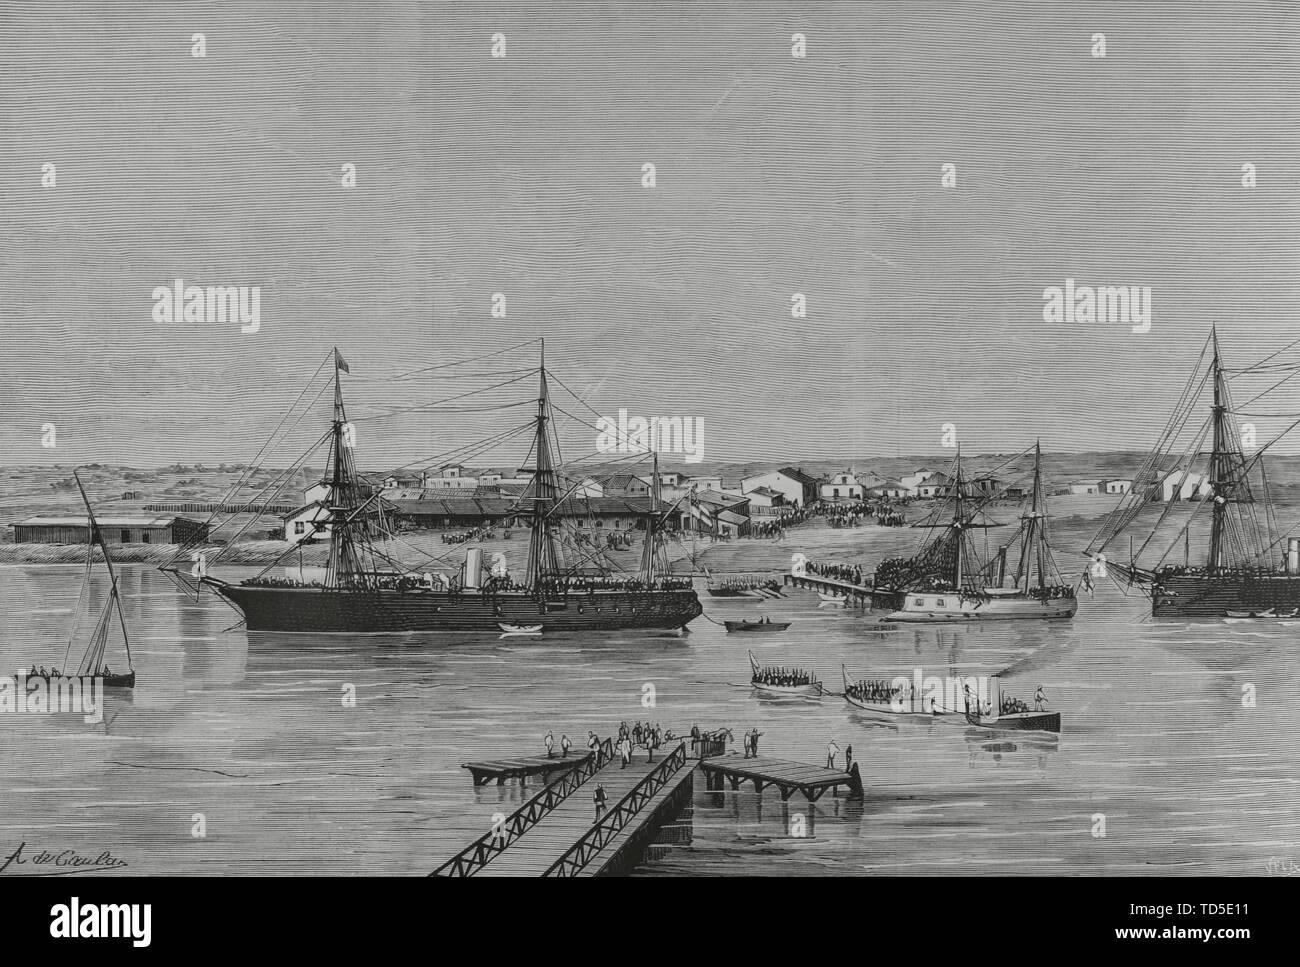 Ocupación de Egipto por el Ejército británico, 1882. El Canal de Suez, ocupado por los Ingleses. Estación de'El Kantarah' (El Puente del Tesoro). Dibujo por A. de Caula. Grabado por Vela. La Ilustración Española y Americana, 30 de Agosto de 1882. Stockfoto